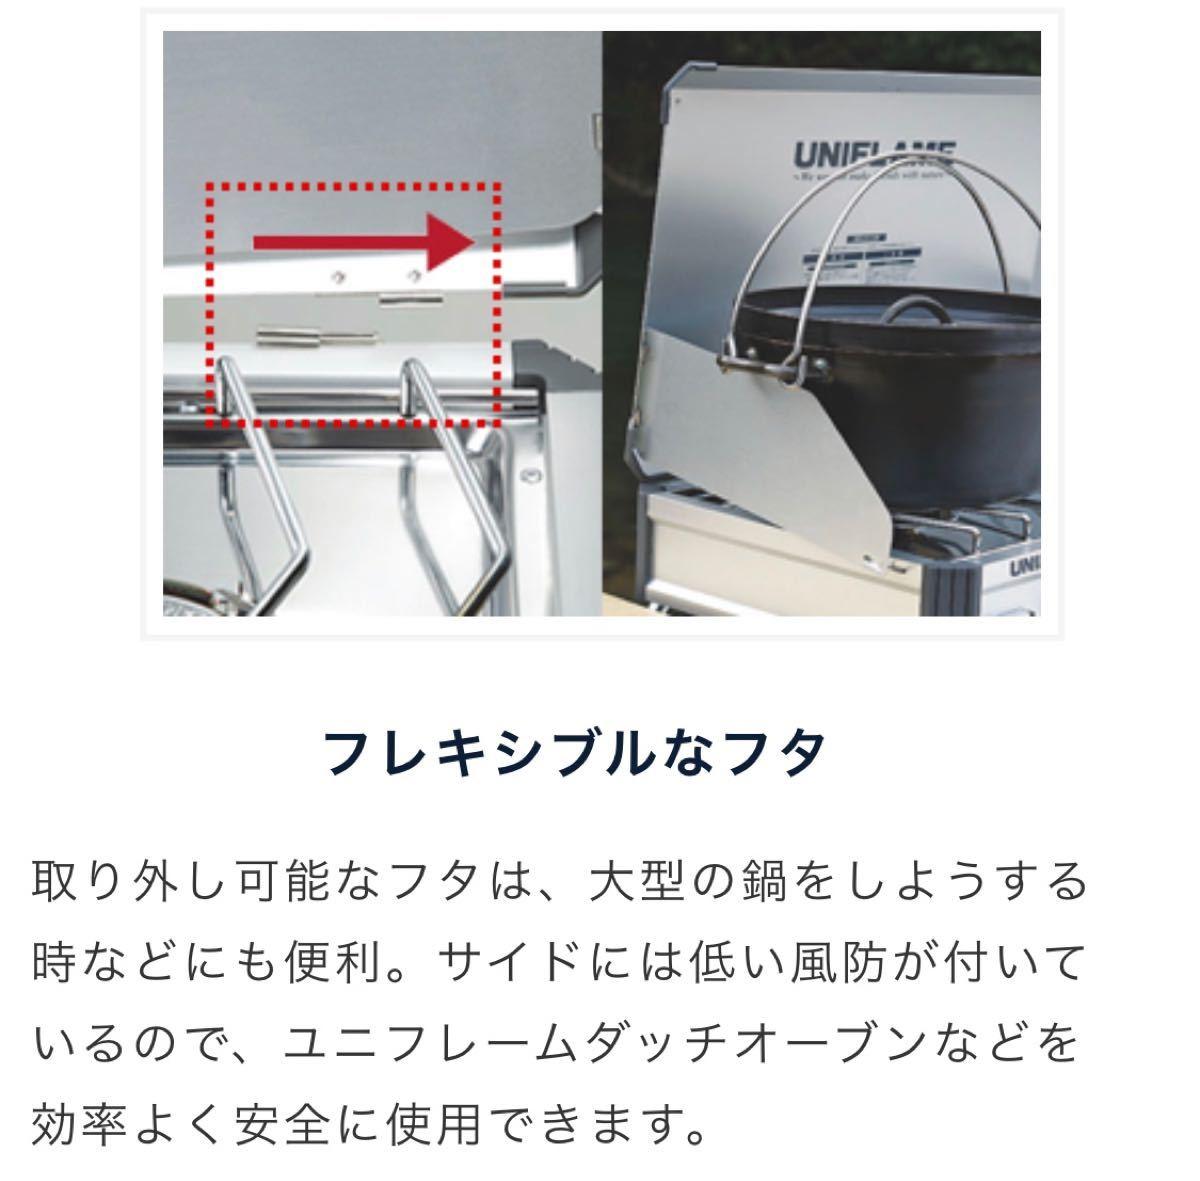 ユニフレーム ツーバーナー UNIFLAME ツーバーナーコンロ